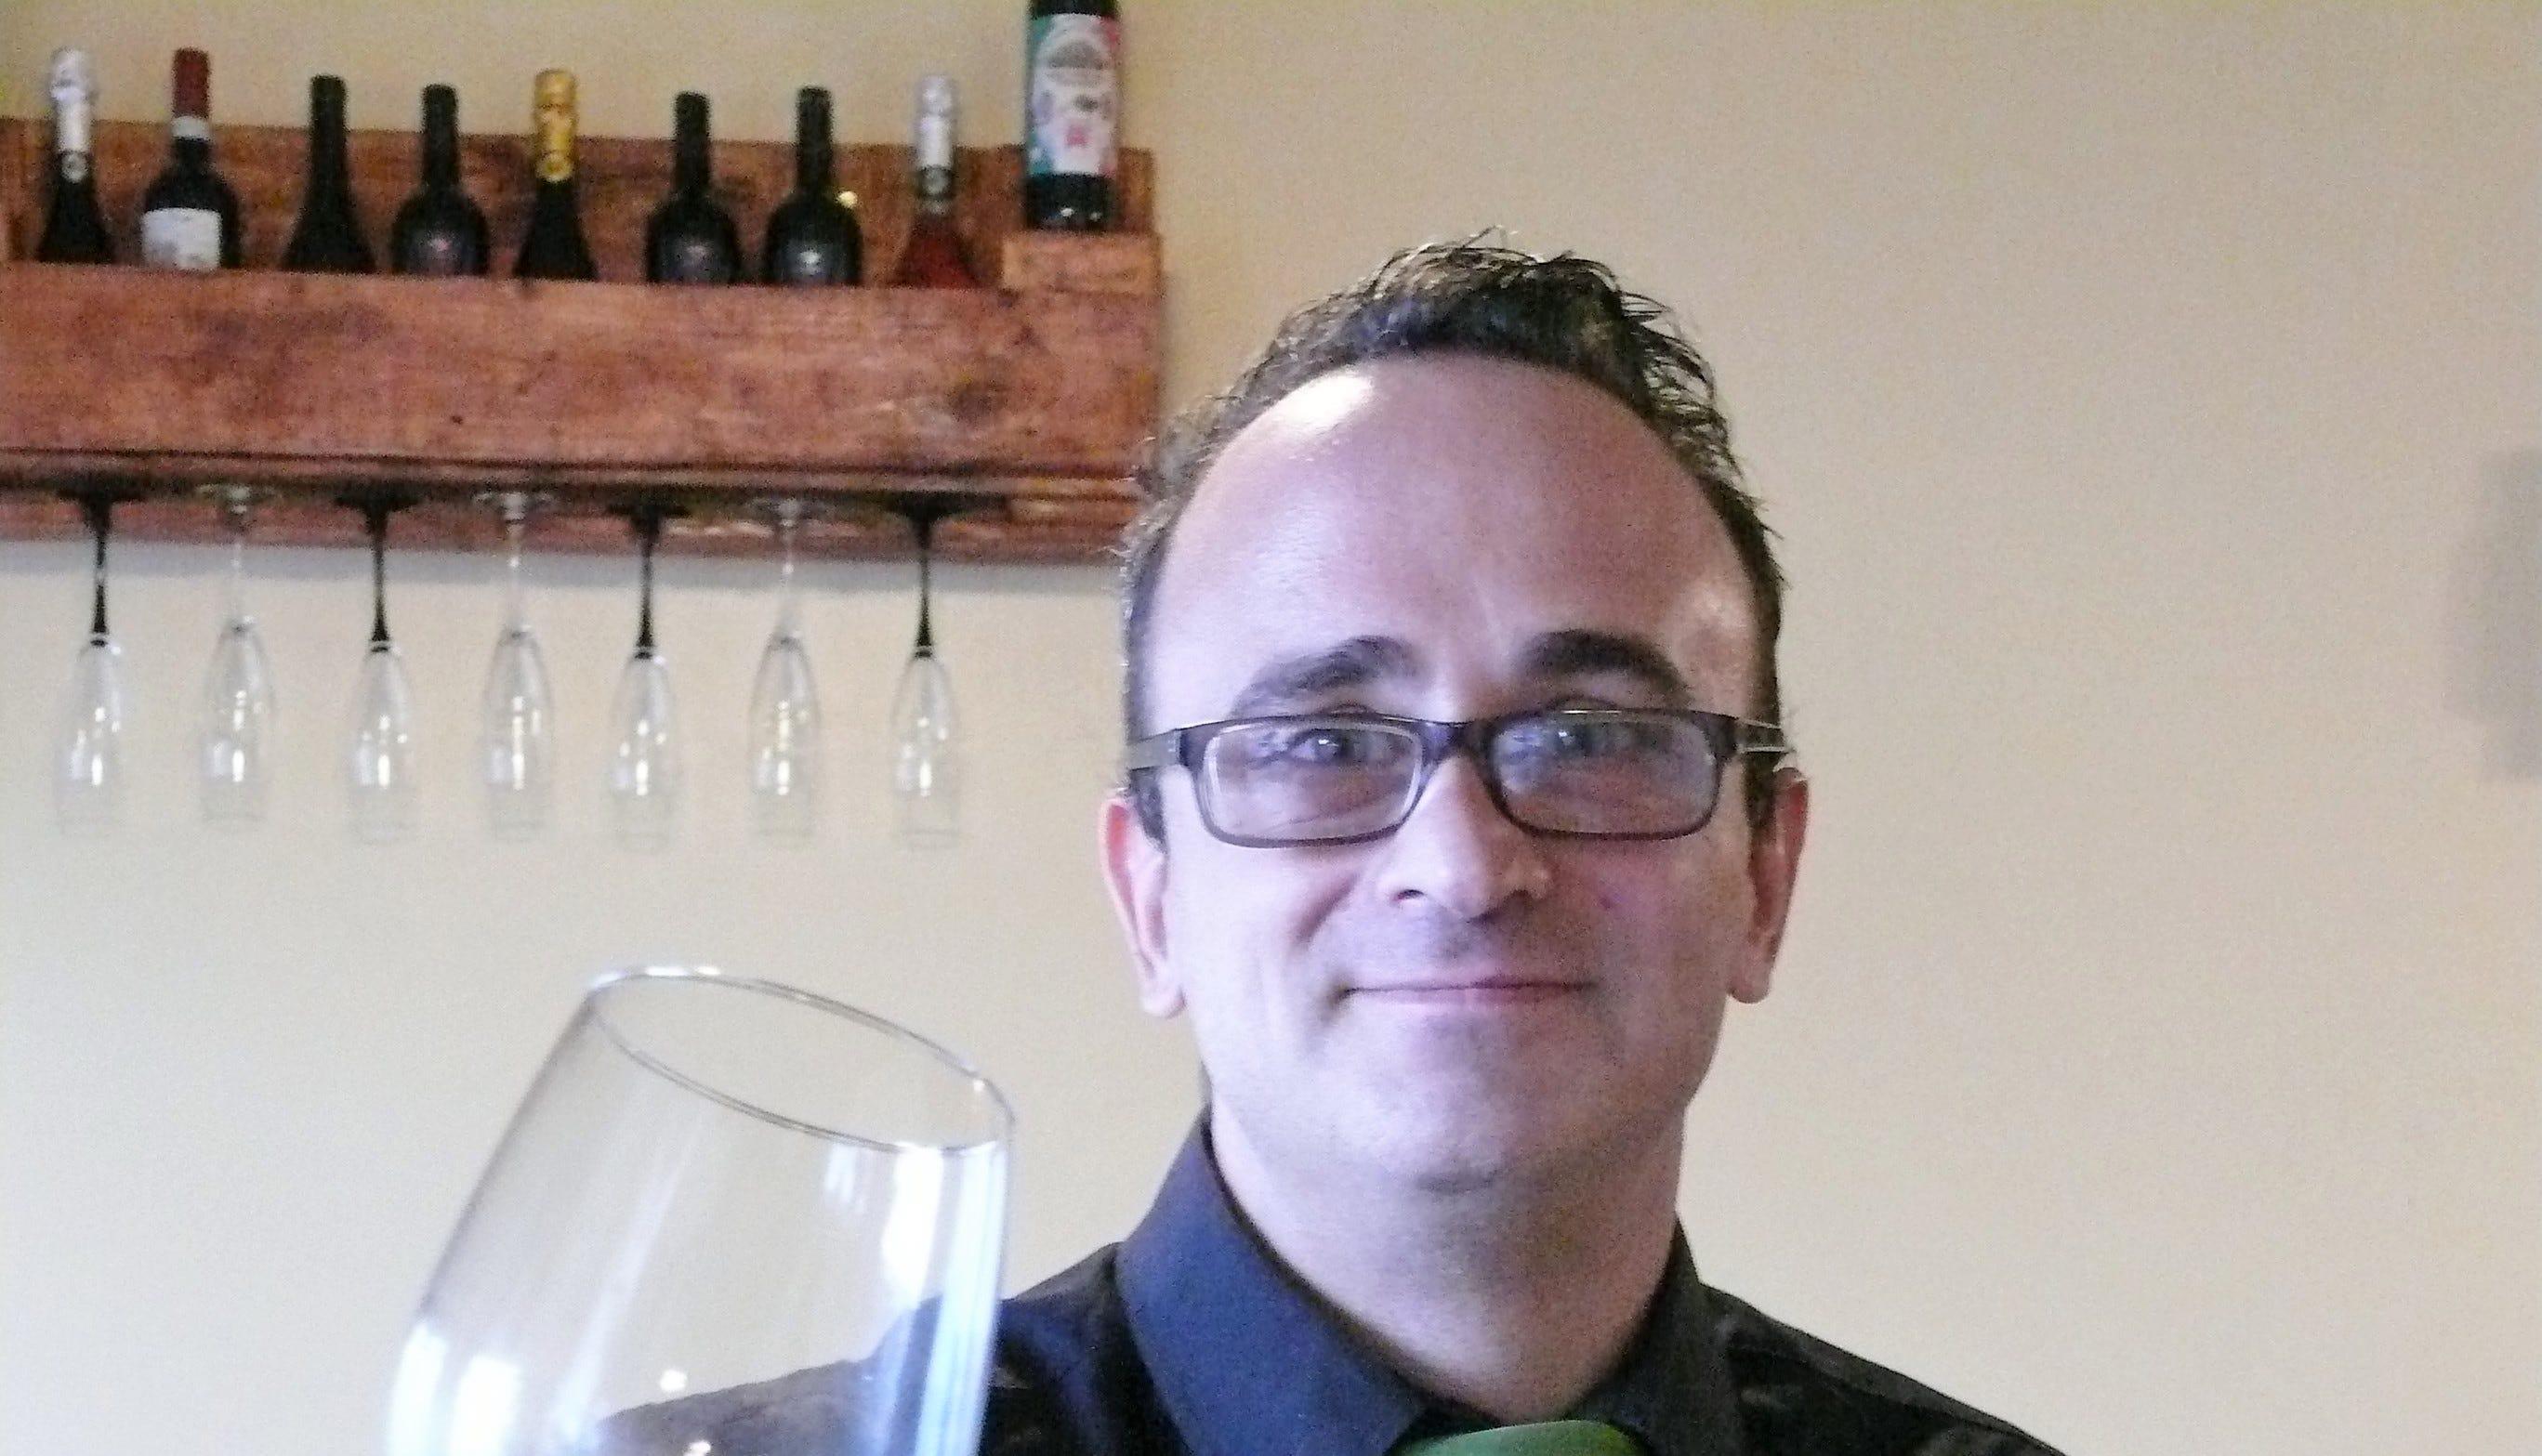 Chef Antonio Merola enjoys preparing classic...